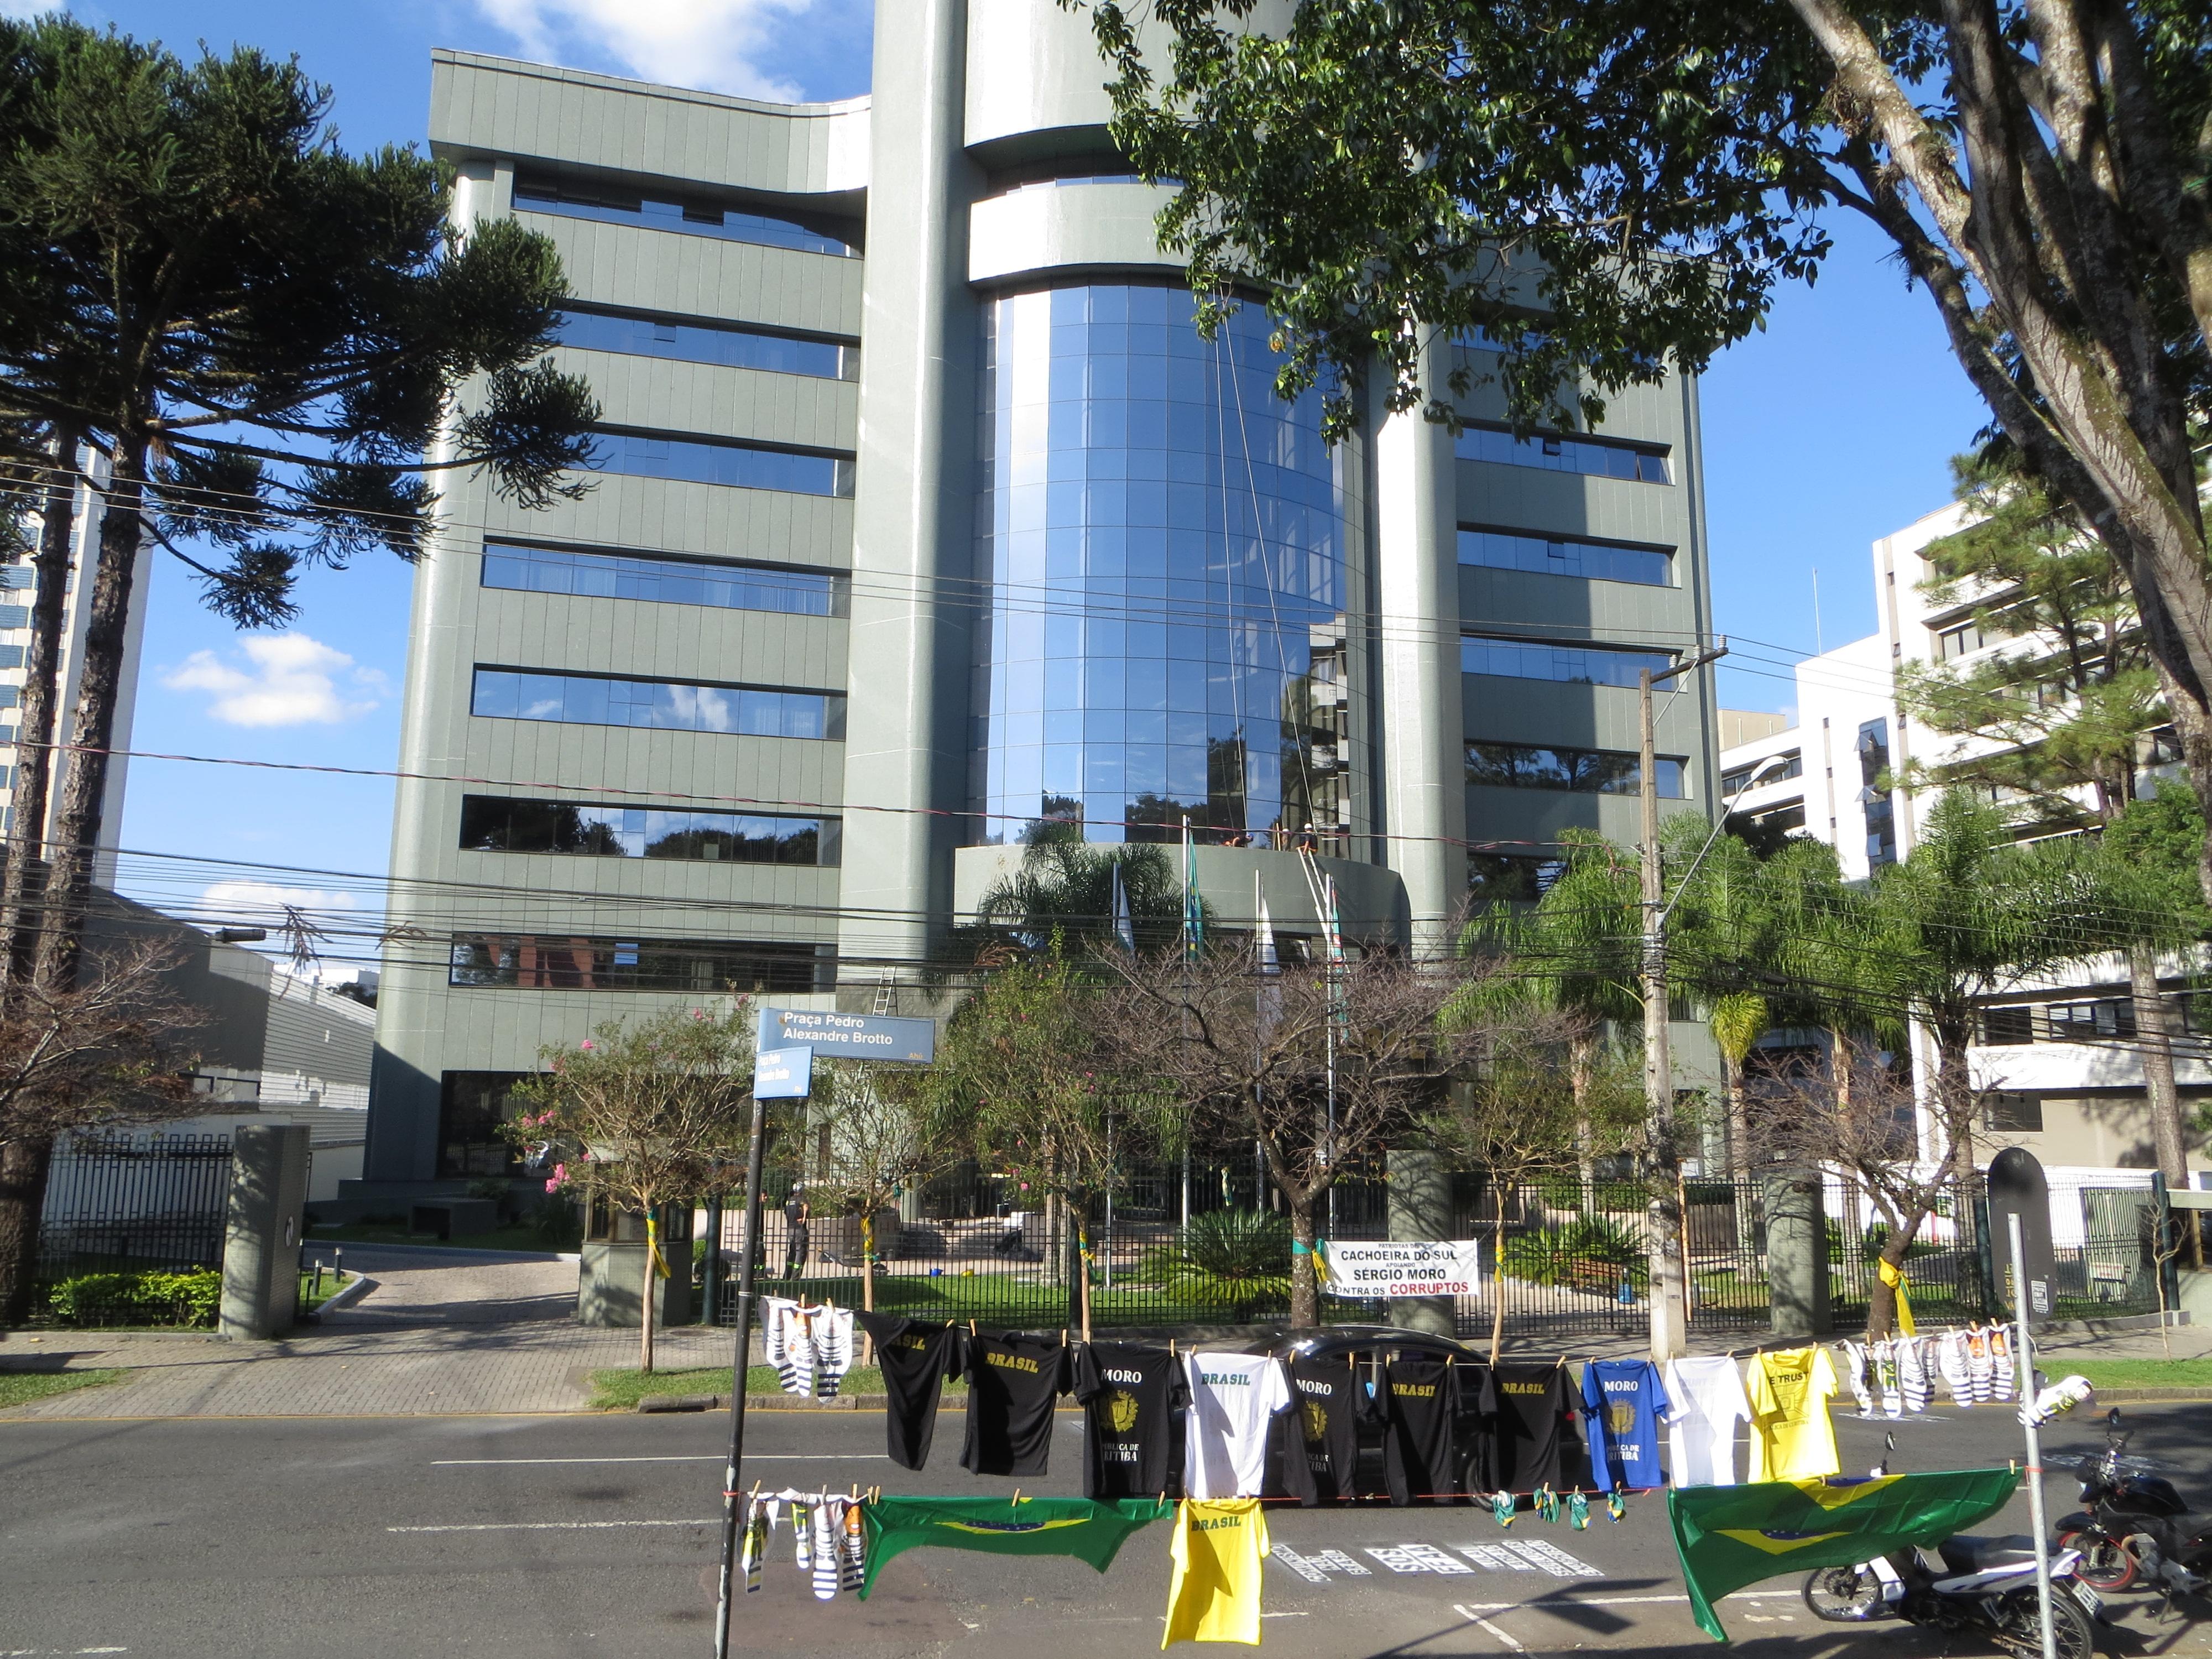 FileCabral Curitiba PR Brasil Justica Federal 5